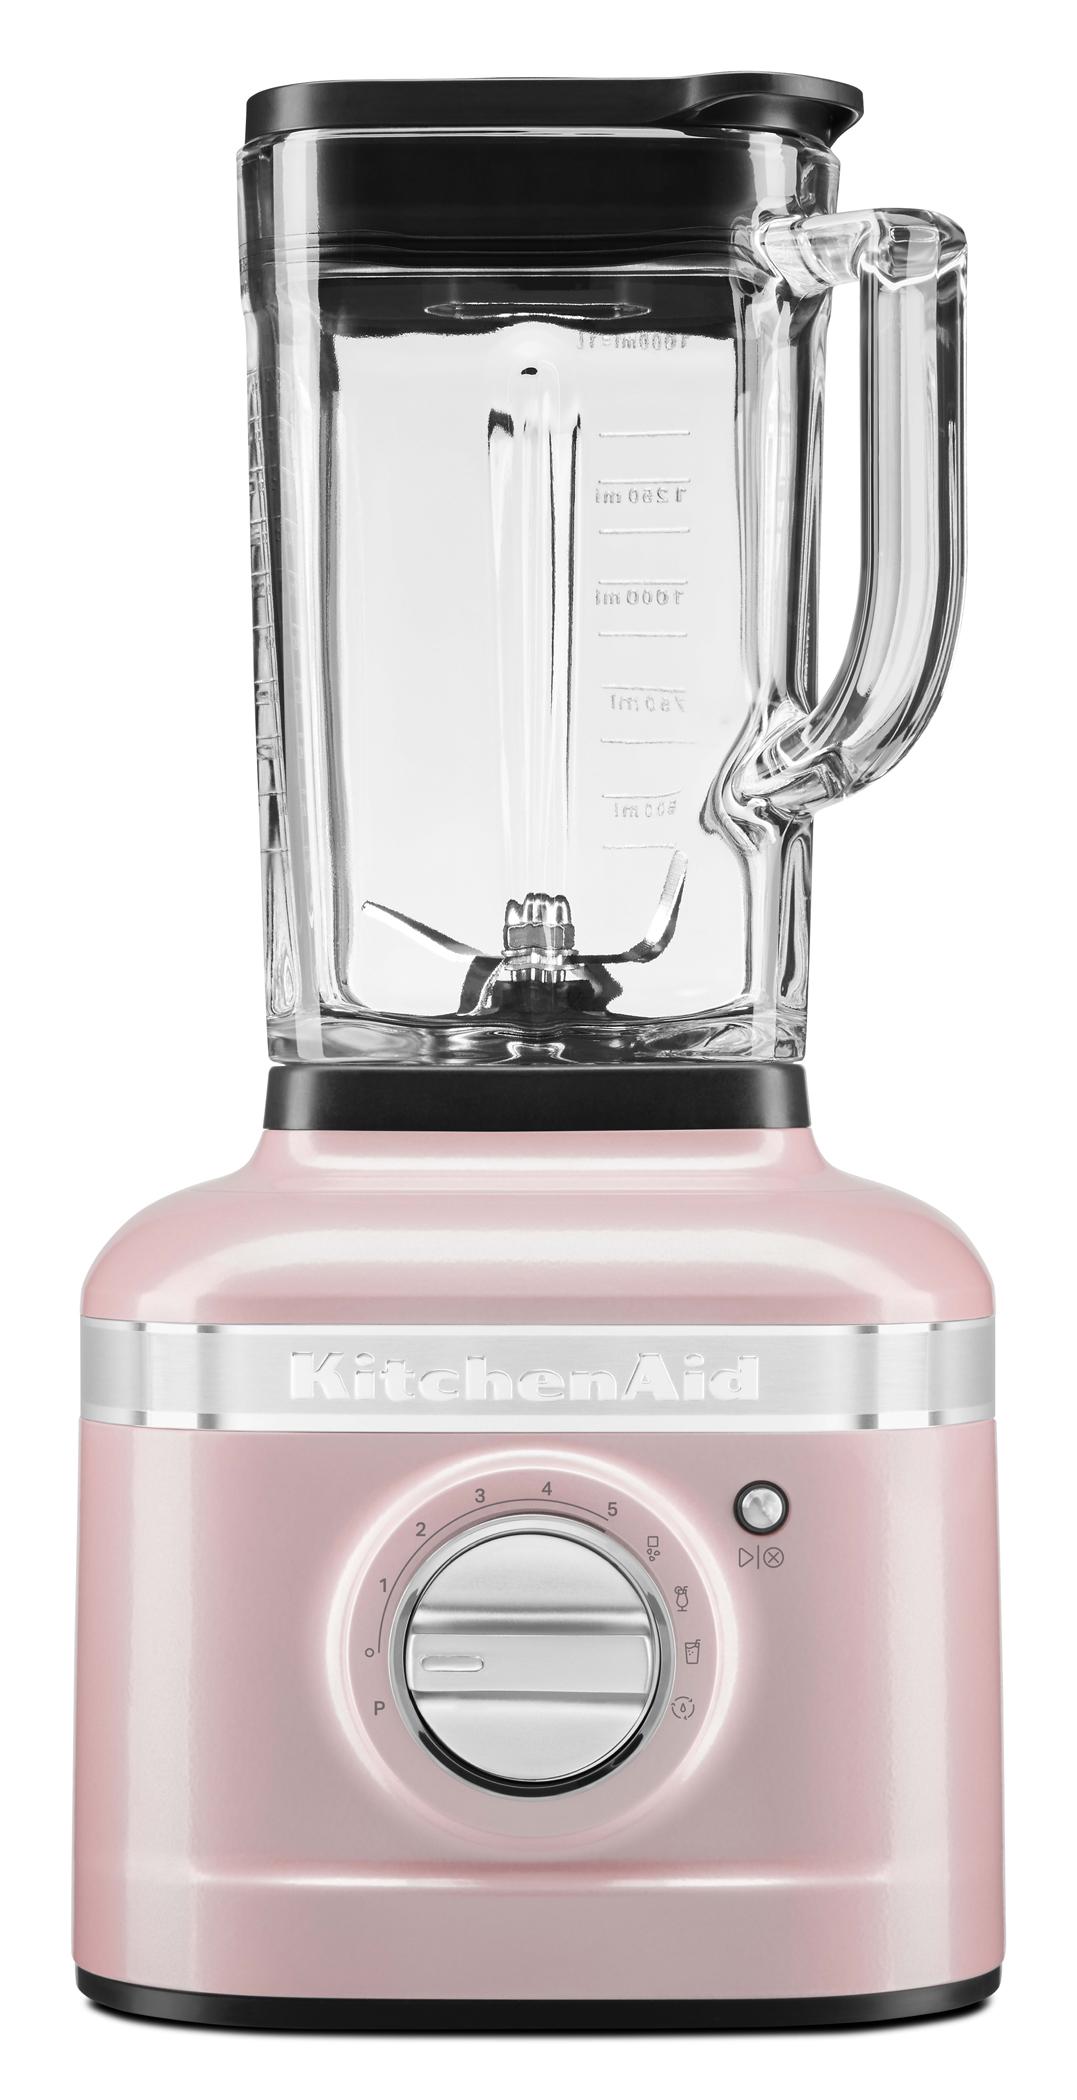 <h1>KitchenAid Standmixer Artisan K400</h1><h3 style='font-size: 20px; margin: 0px 0px 15px 0px;'> -1,5 PS Motor, 5 Geschwindigkeitsstufen, Rezeptprogramme</h3>